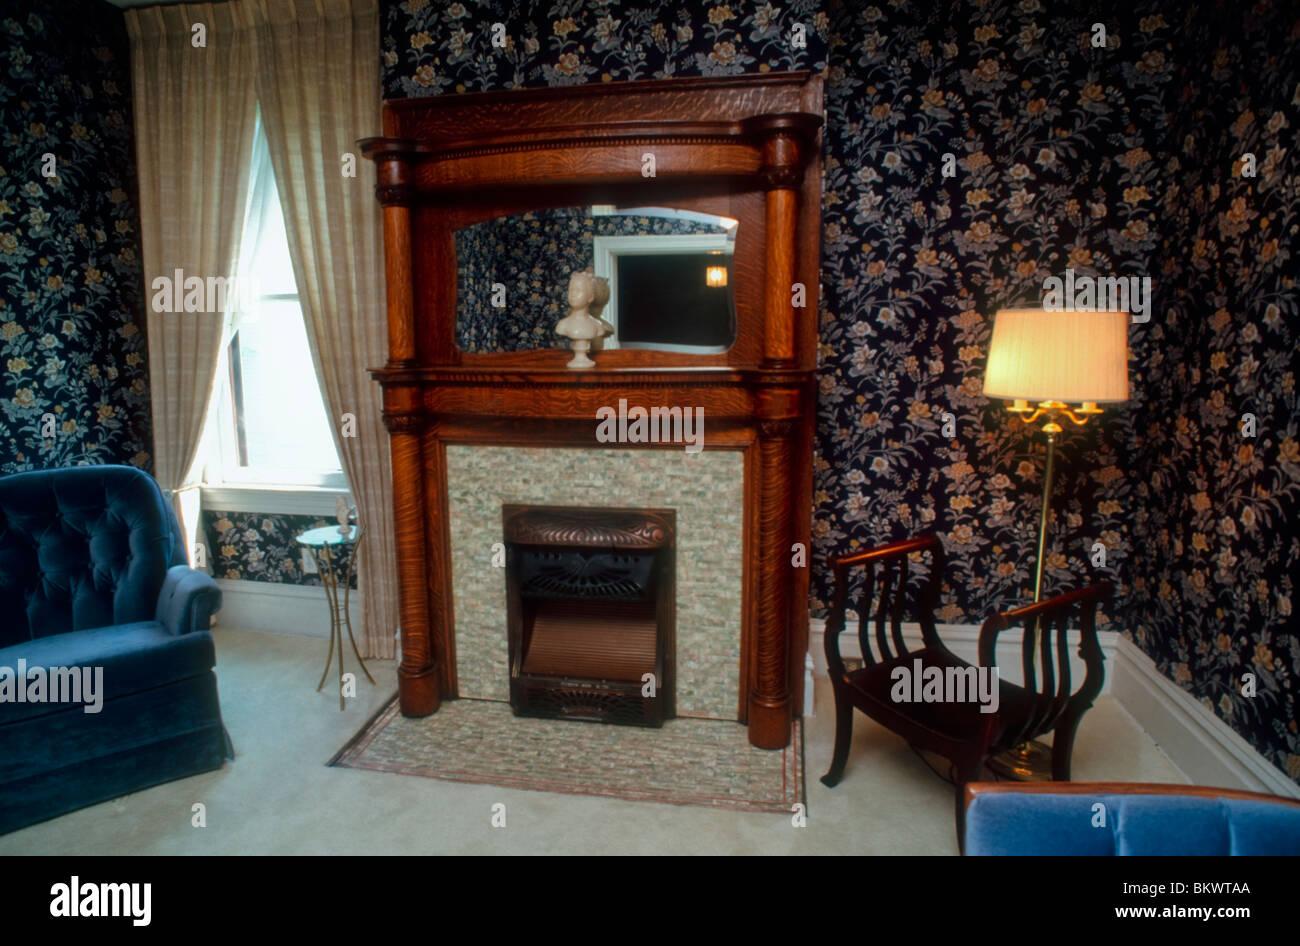 Malerisch Amerikanischer Kamin Foto Von Pittsburgh, Pa, Usa Wohnarchitektur, Amerikanische Vorstadt Häuser,